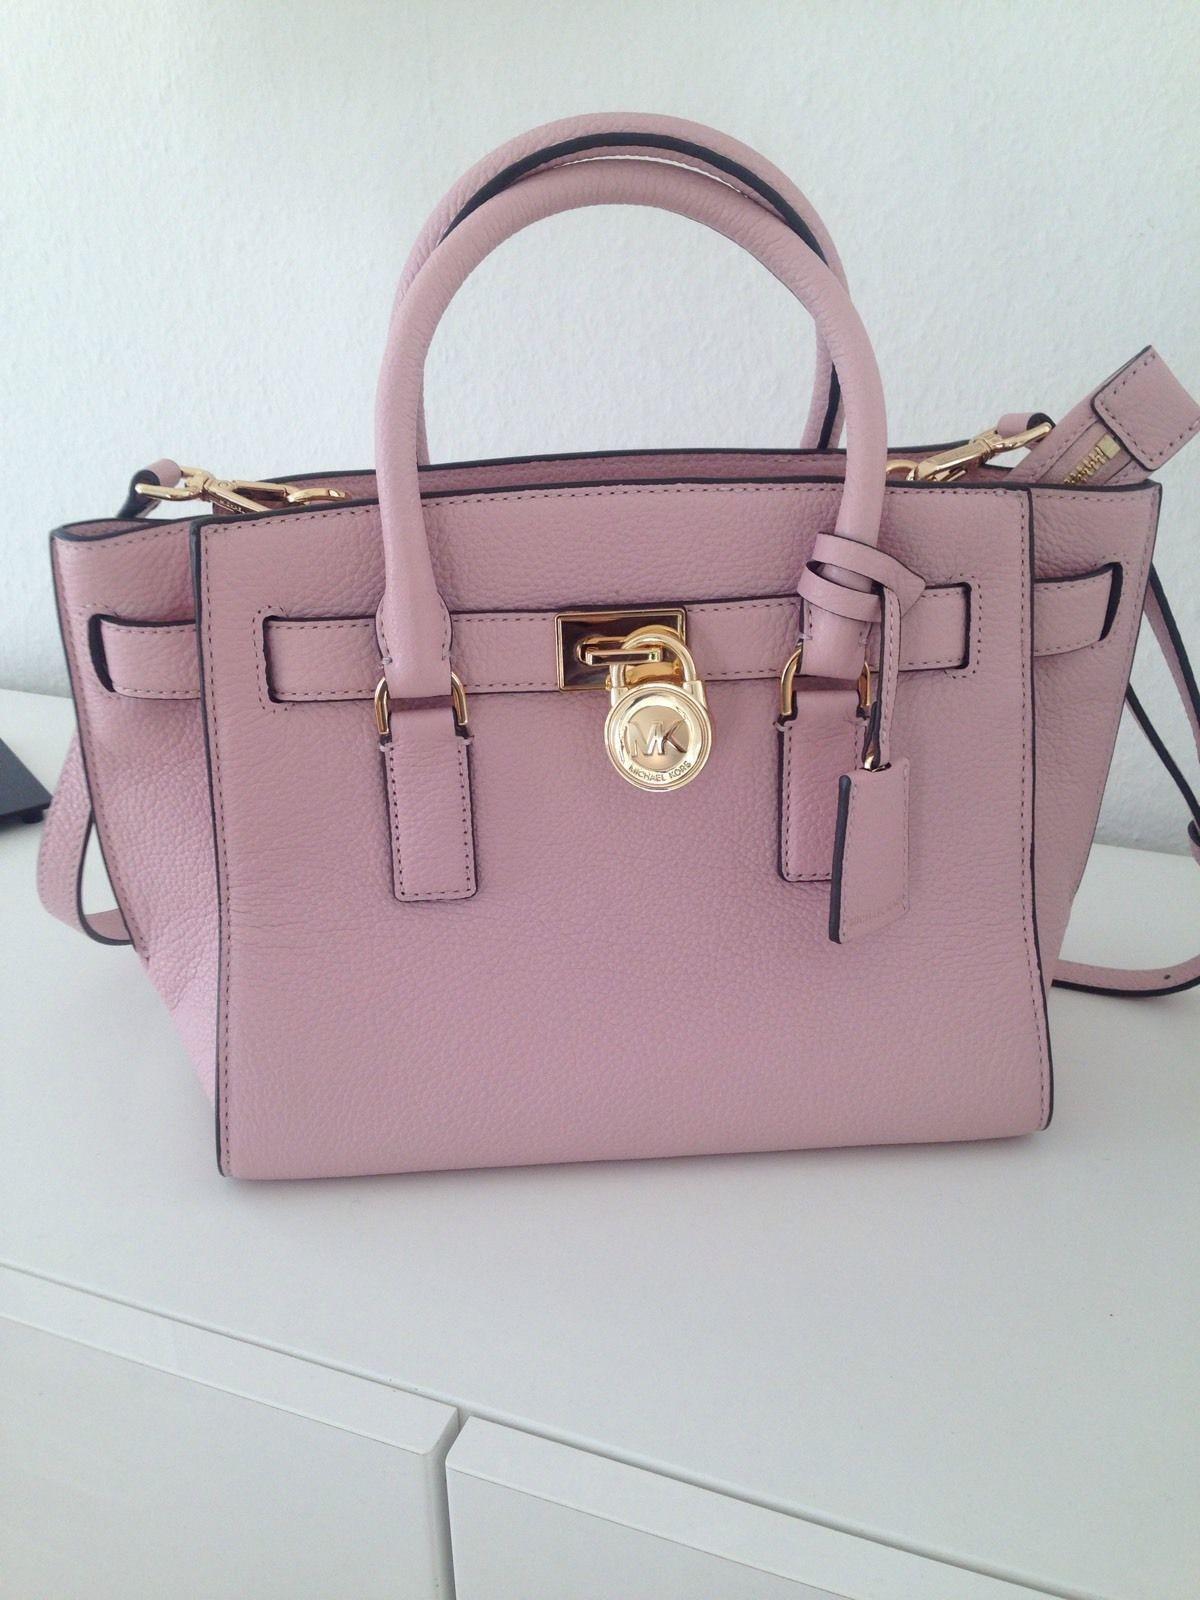 de70d7dd2f9 Michael Kors Tasche Hamilton Traveller Traveler Rosa Blossom Echtes Leder  229,00€ ♥️